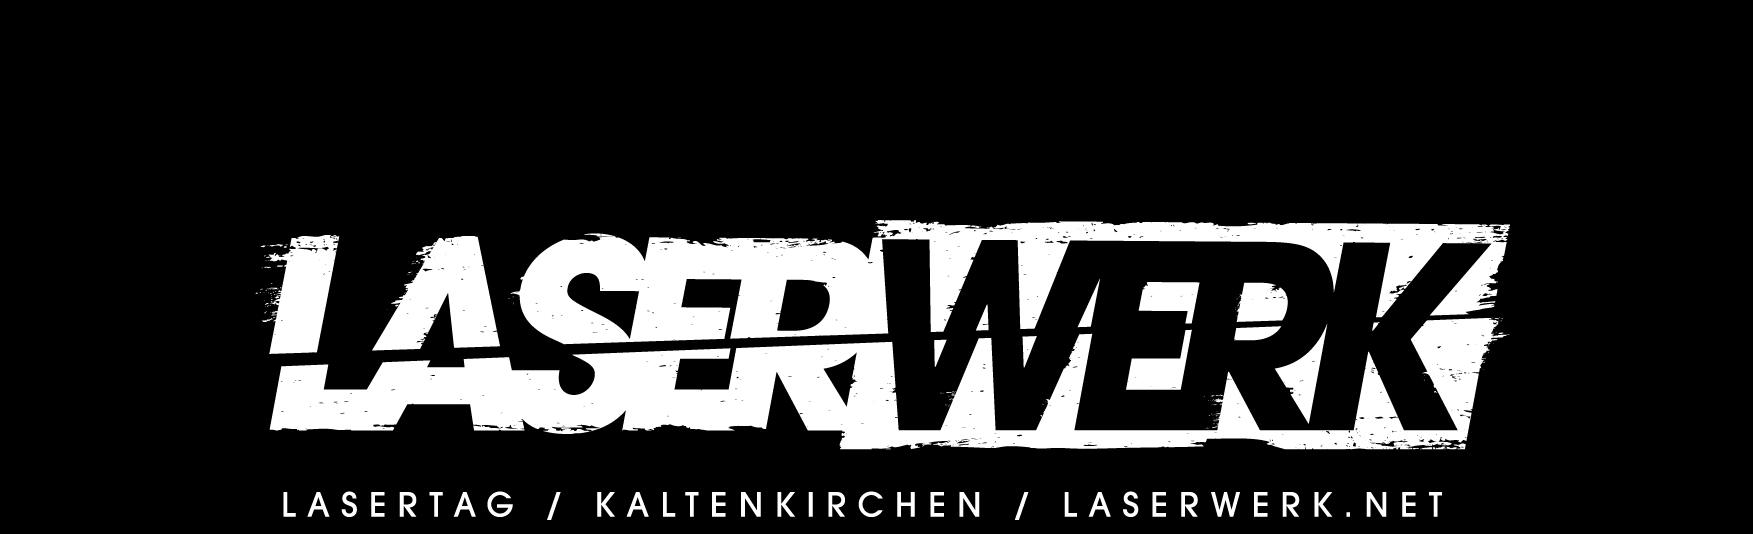 logo web3